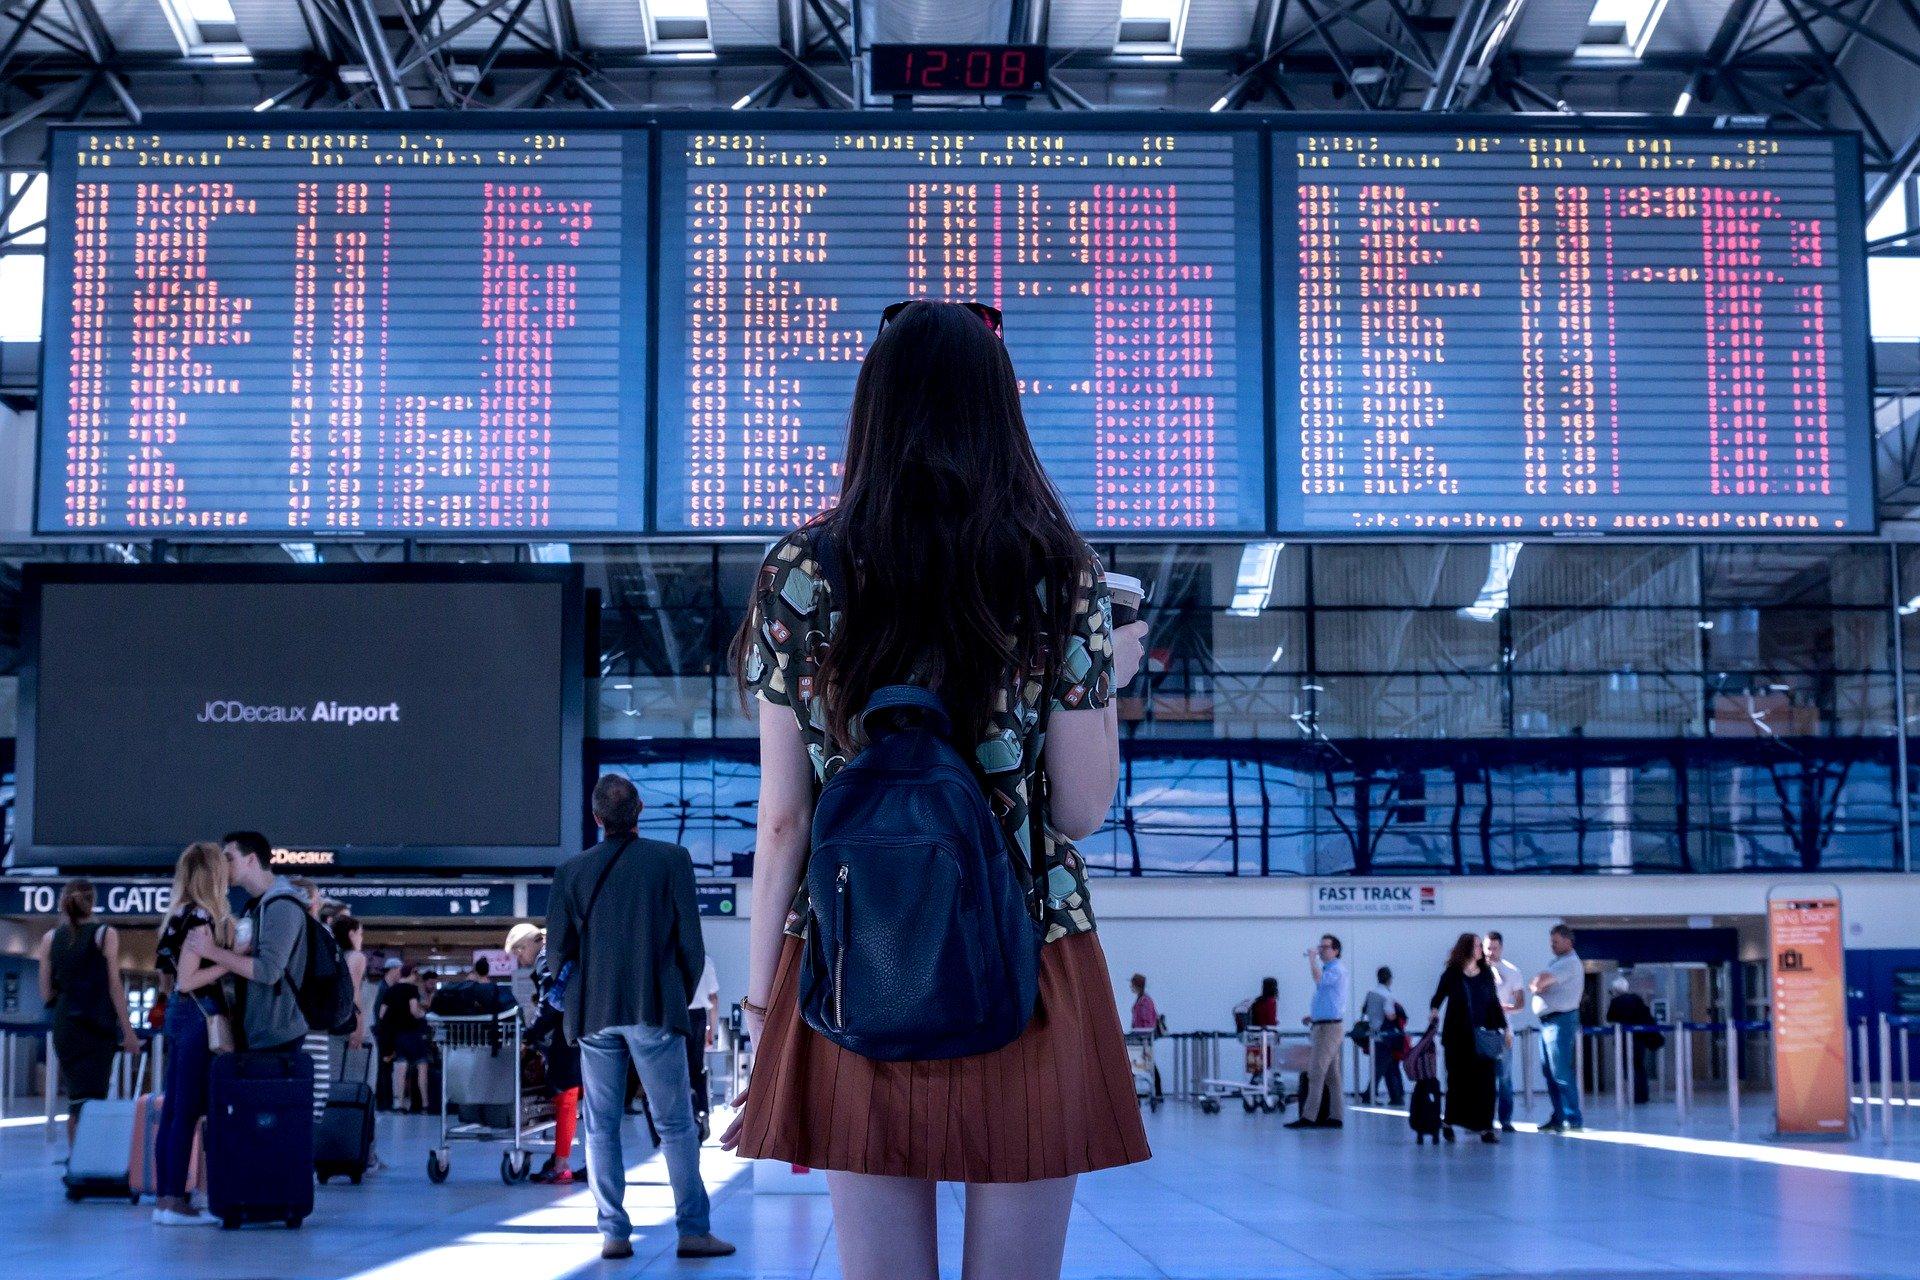 România a decis suspendarea zborurilor spre și dinspre Italia